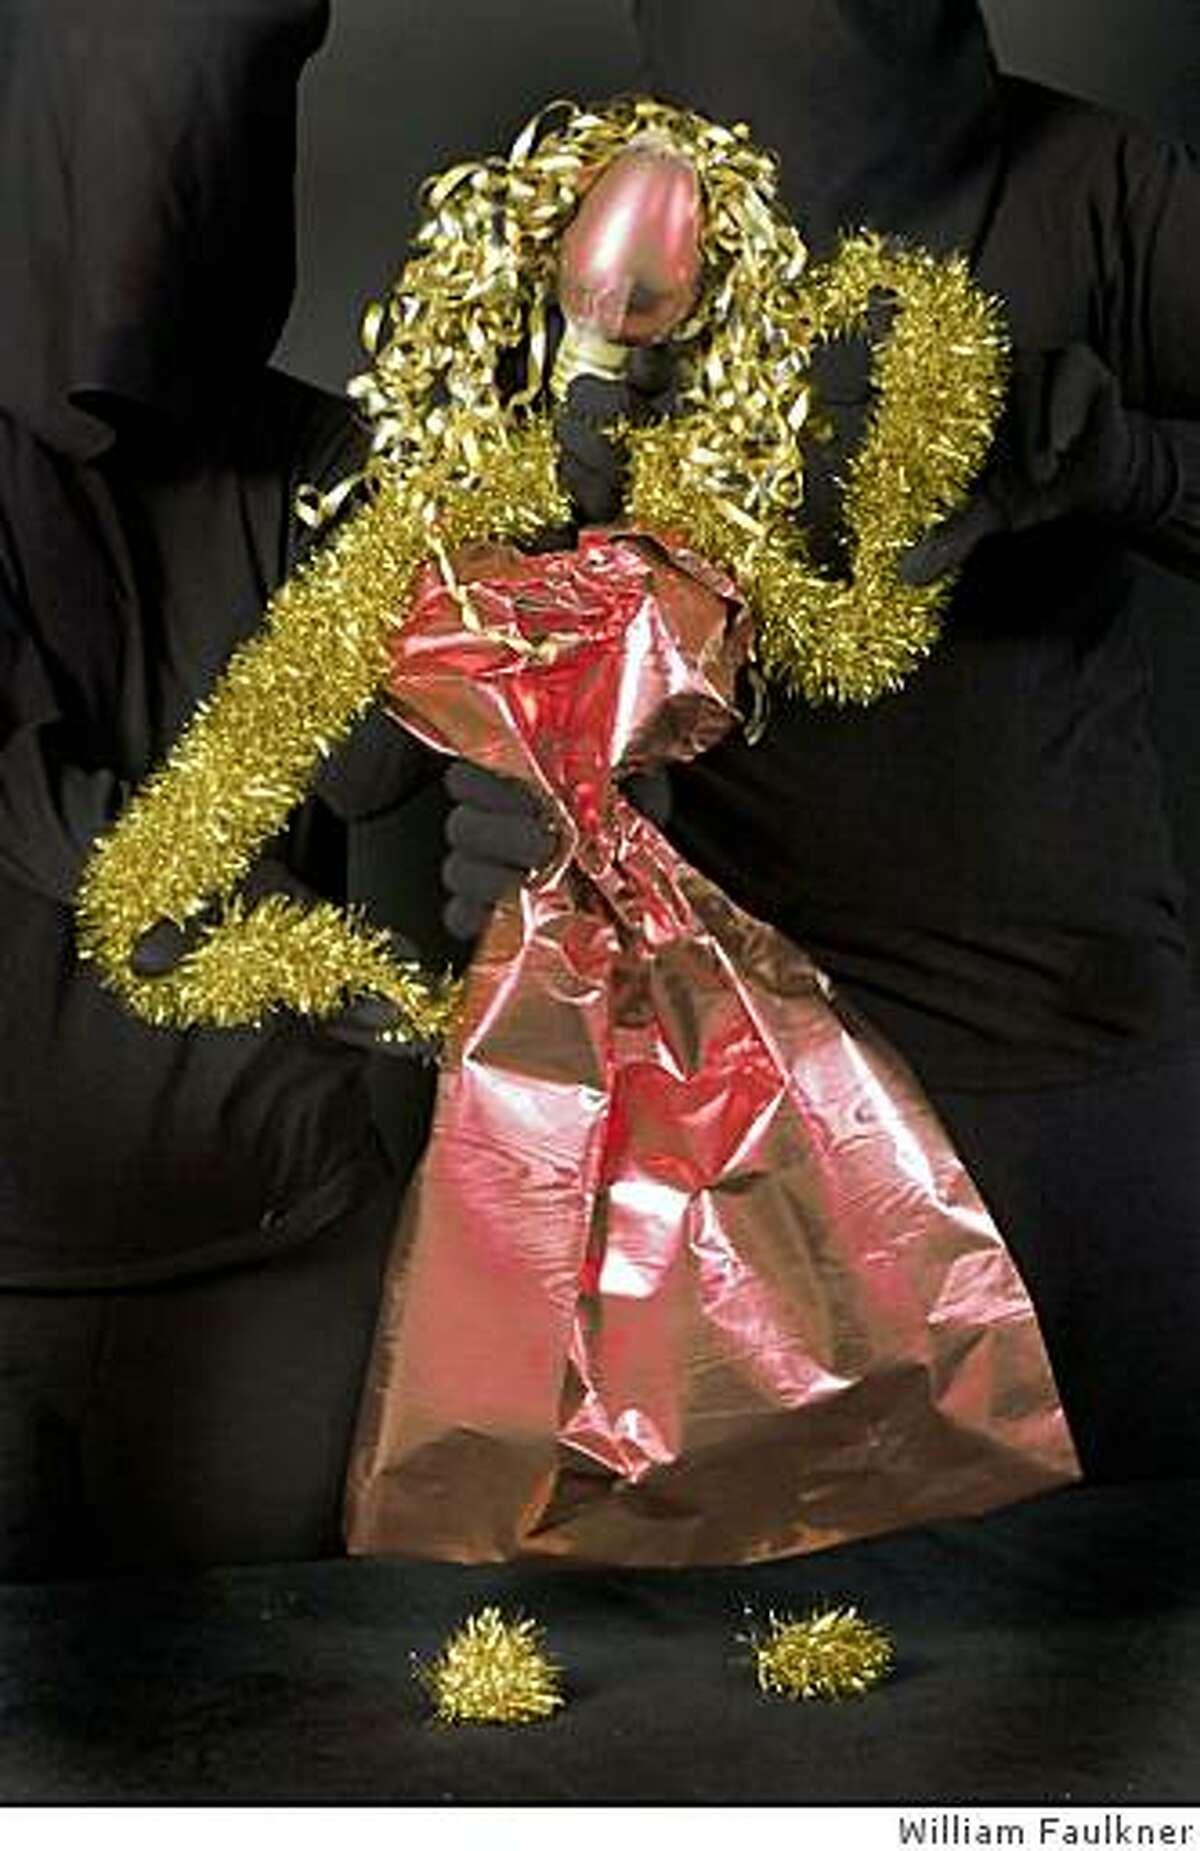 """The Marsh presents Lunatique Fantastique's """"Wrapping Paper Caper"""" Dec. 7-Jan. 4, 2008, in San Francisco."""